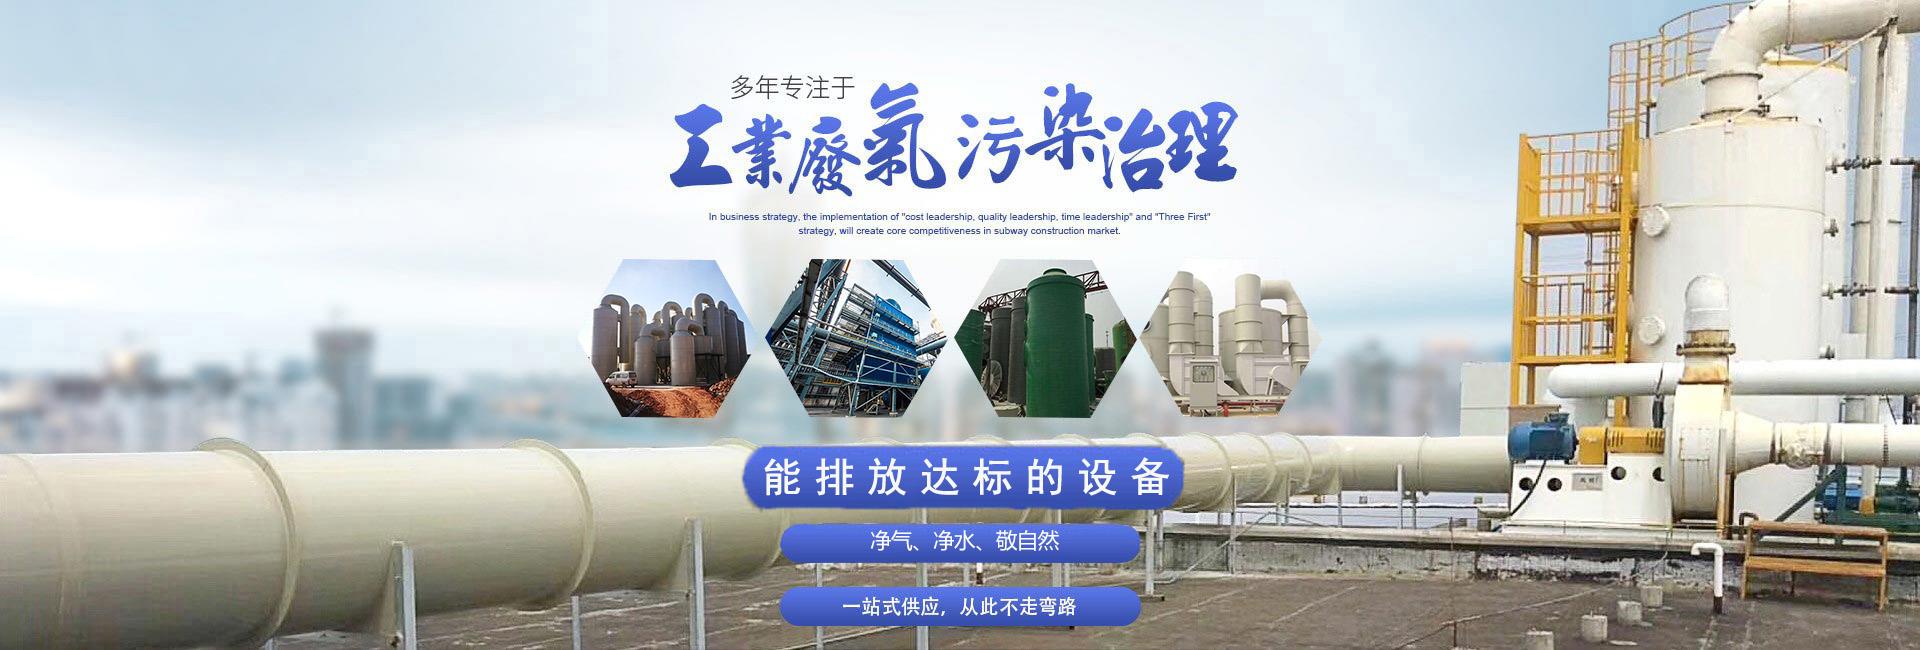 工艺废气处理带来的作用是什么